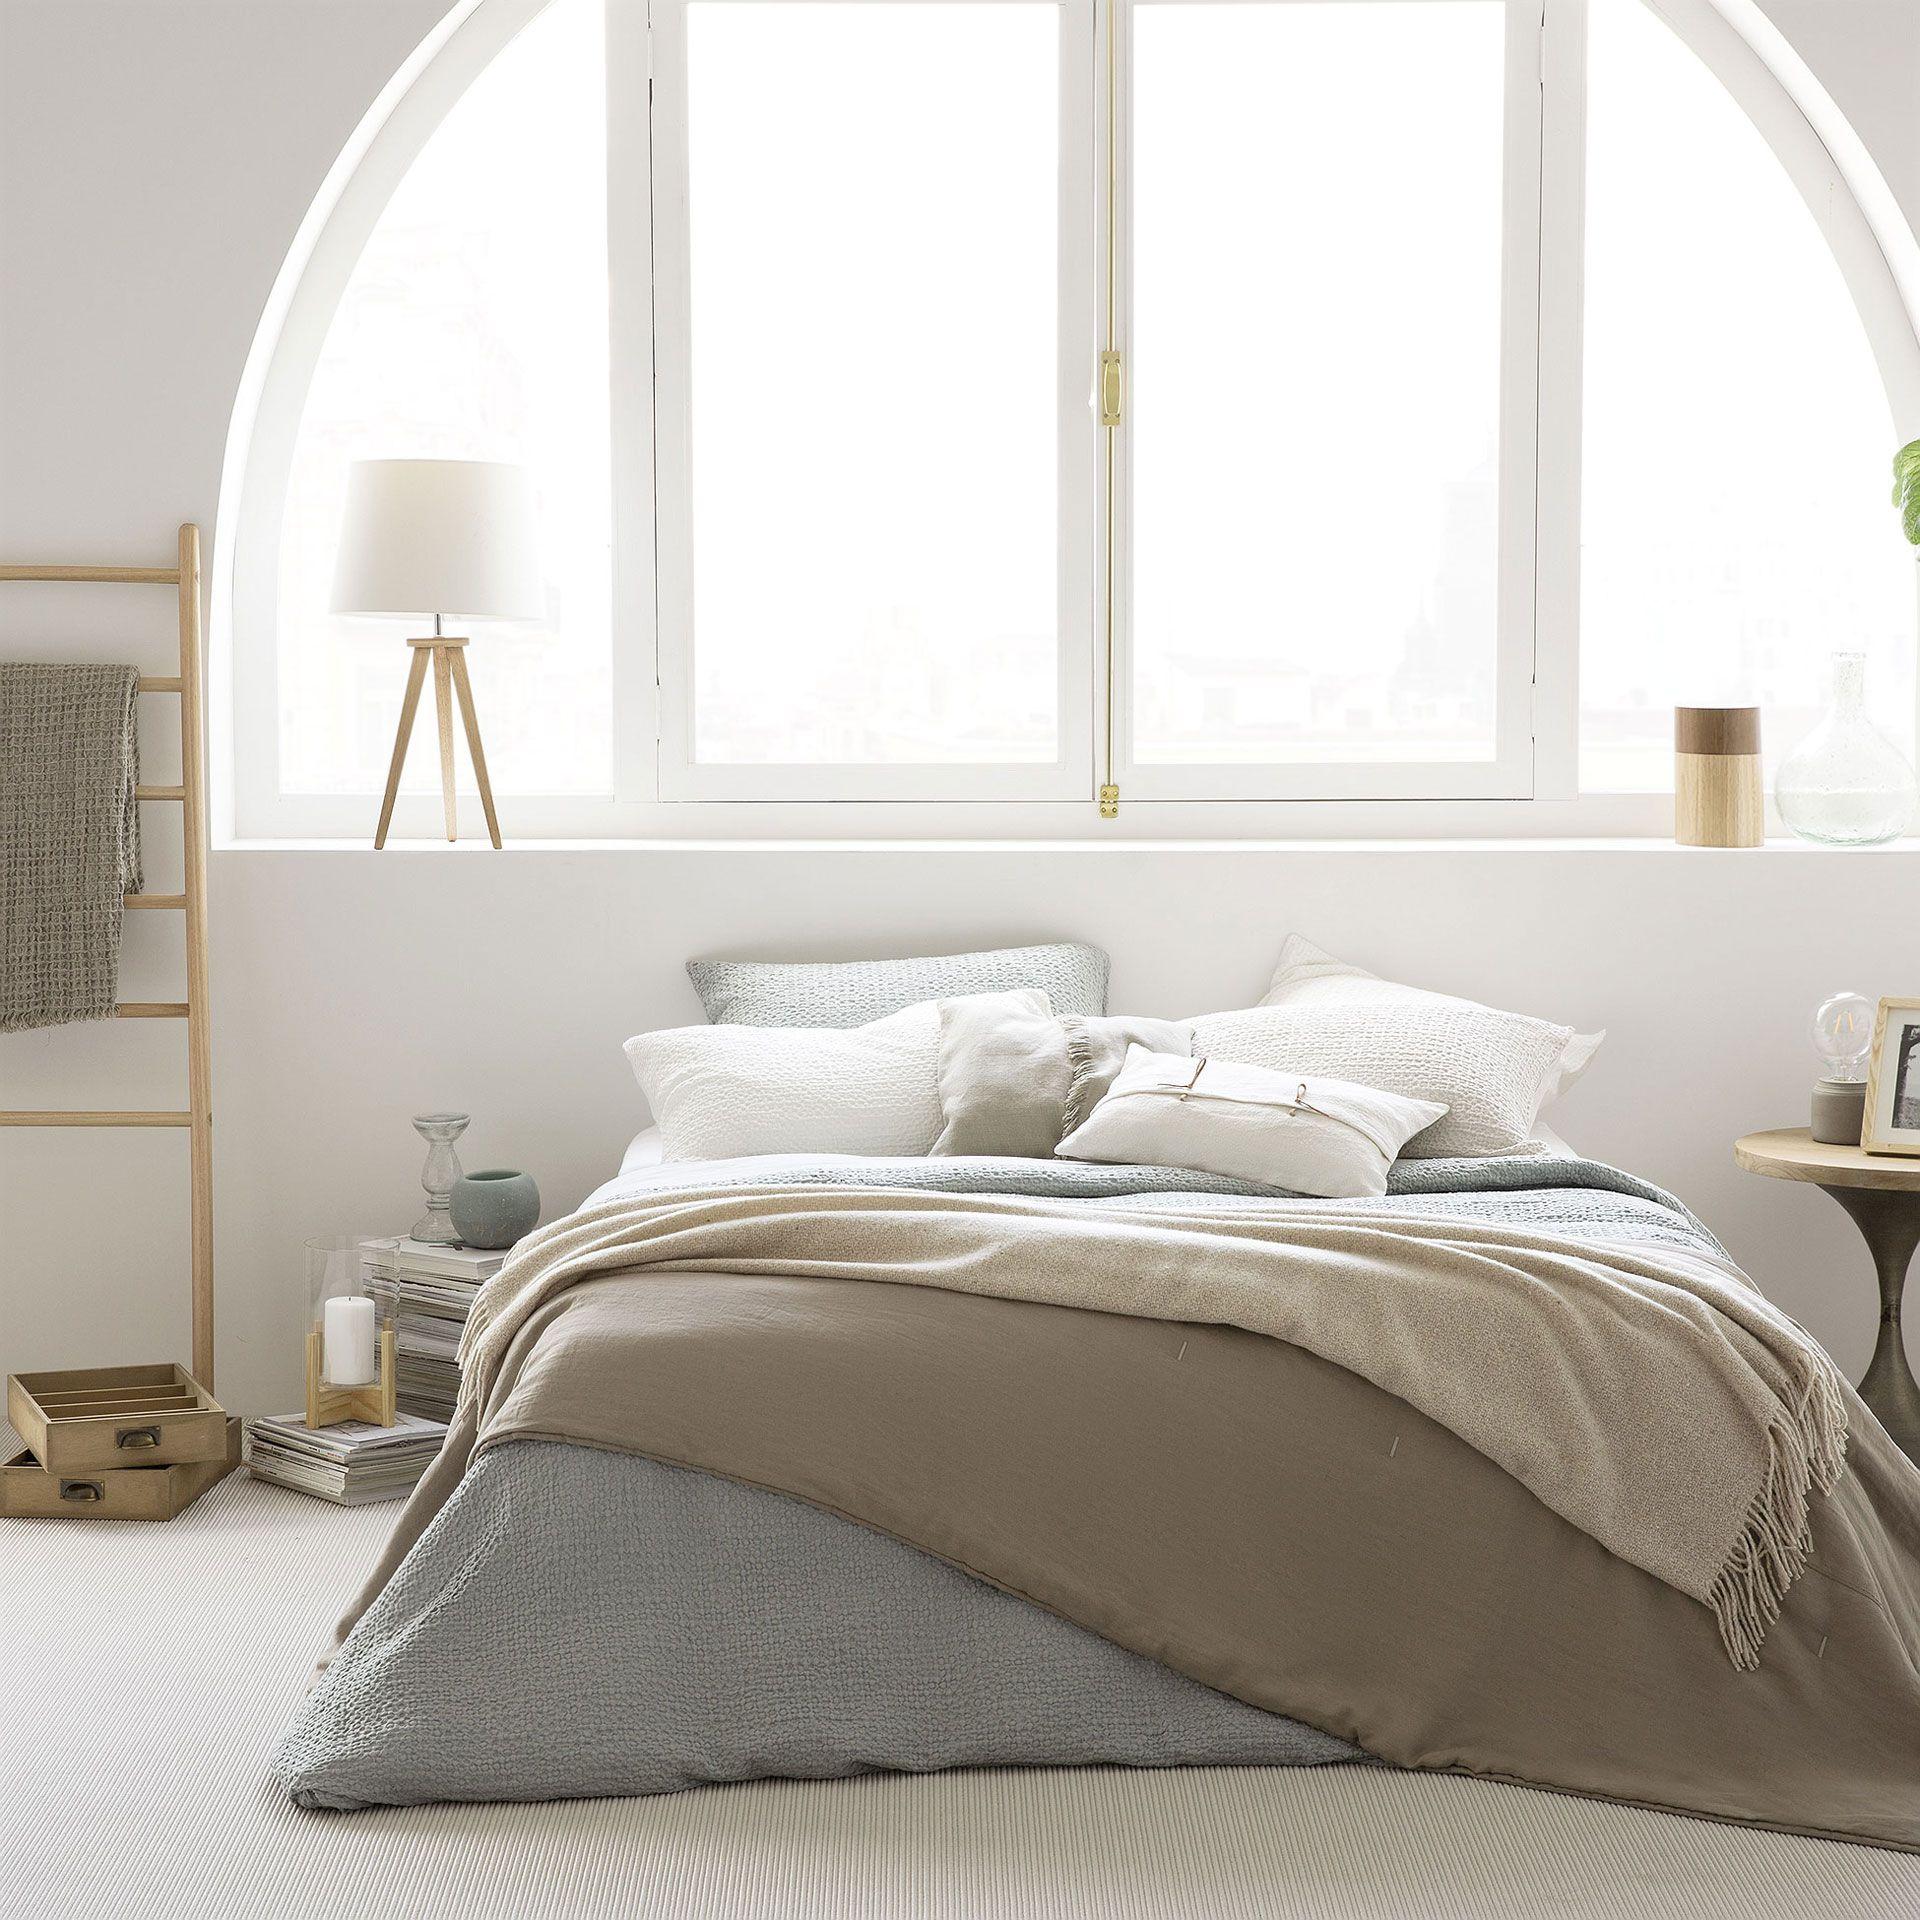 Candeeiro trip ilumina o decora o zara home portugal bedroom nest candeeiro zara - Zara home portugal ...